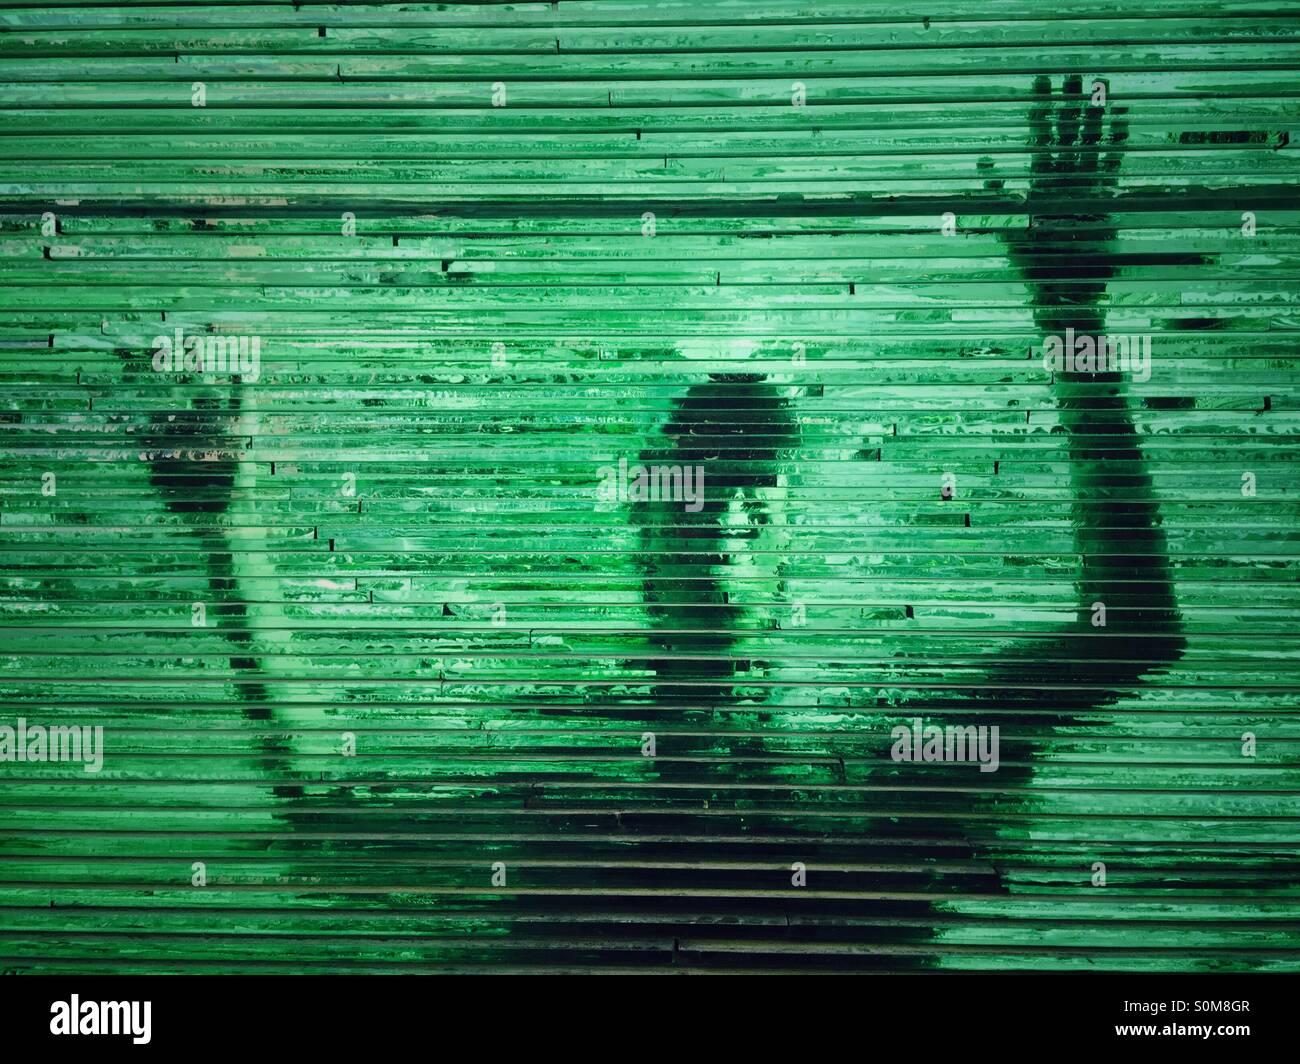 Mann, die Hände hinter den grünen Glaswand Stockbild